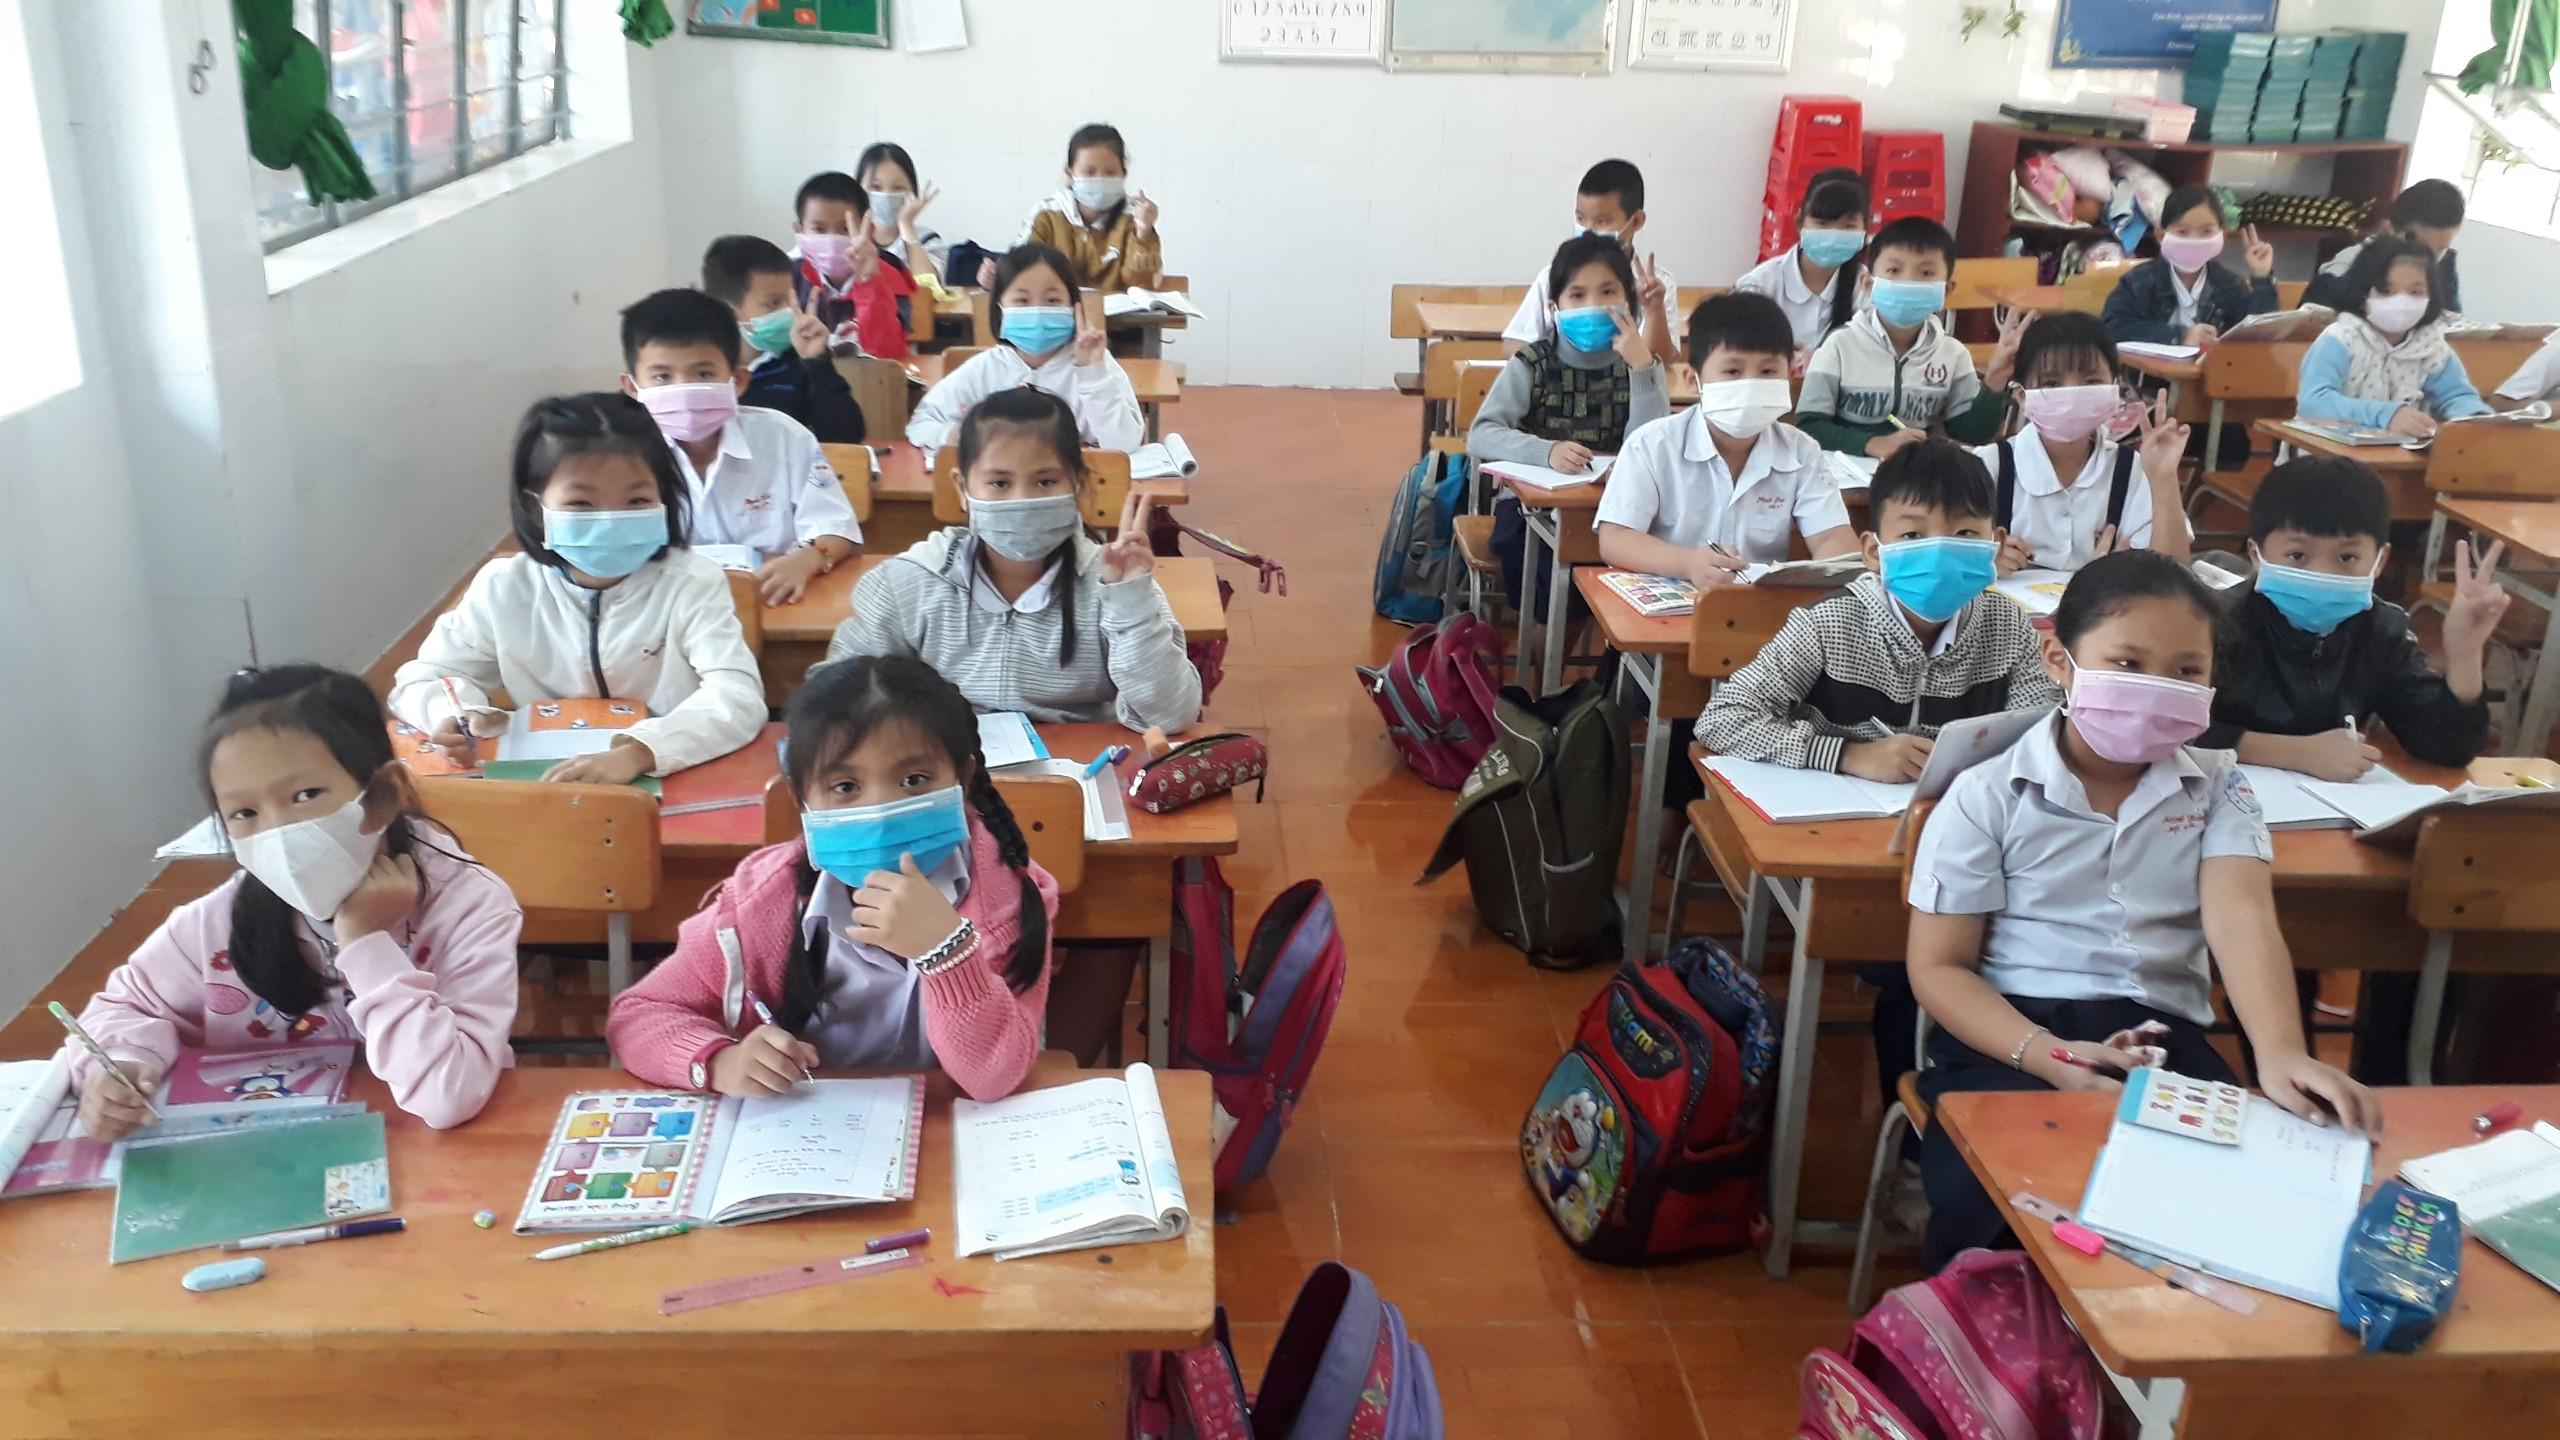 Một lớp học, trường tiểu học Tân Bình - Đồng Xoài trong ngày đầu nhập học trở lại